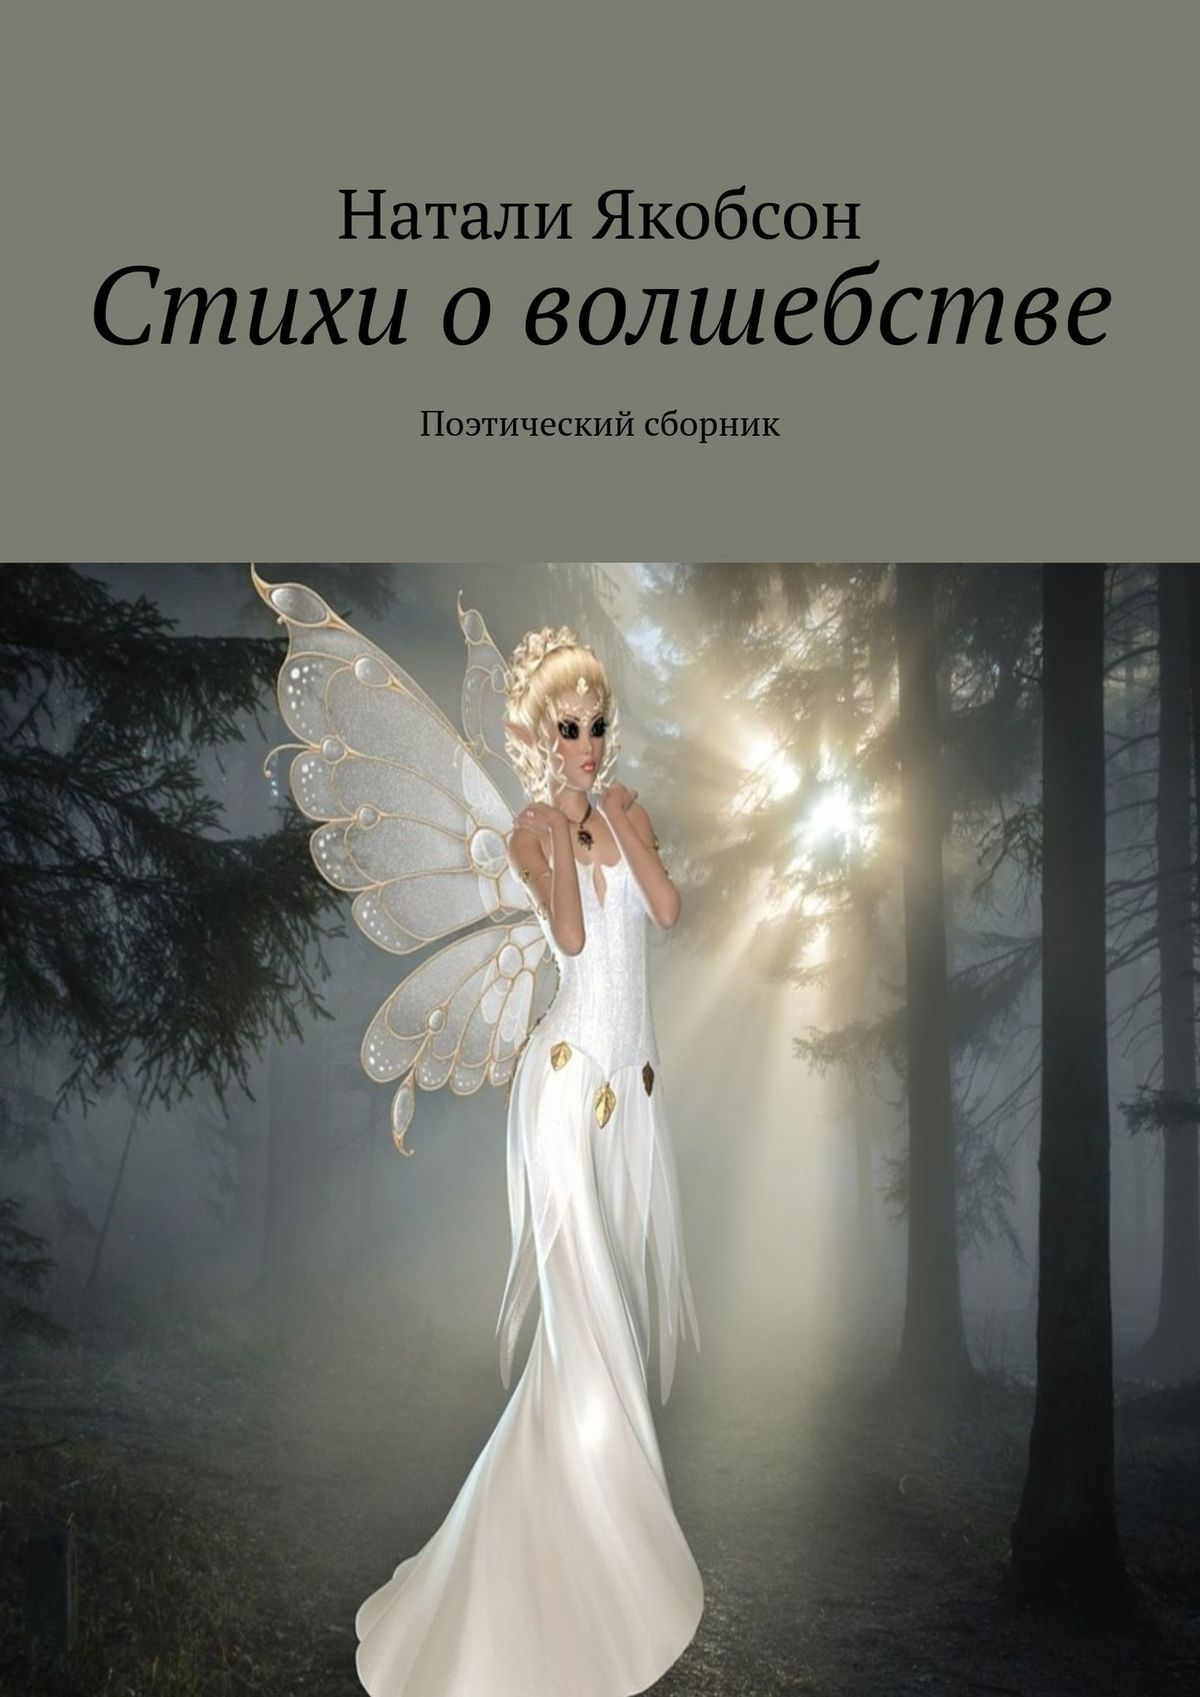 Натали Якобсон Стихи о волшебстве. Поэтический сборник сергей меркулов берёзовое озеро стихи